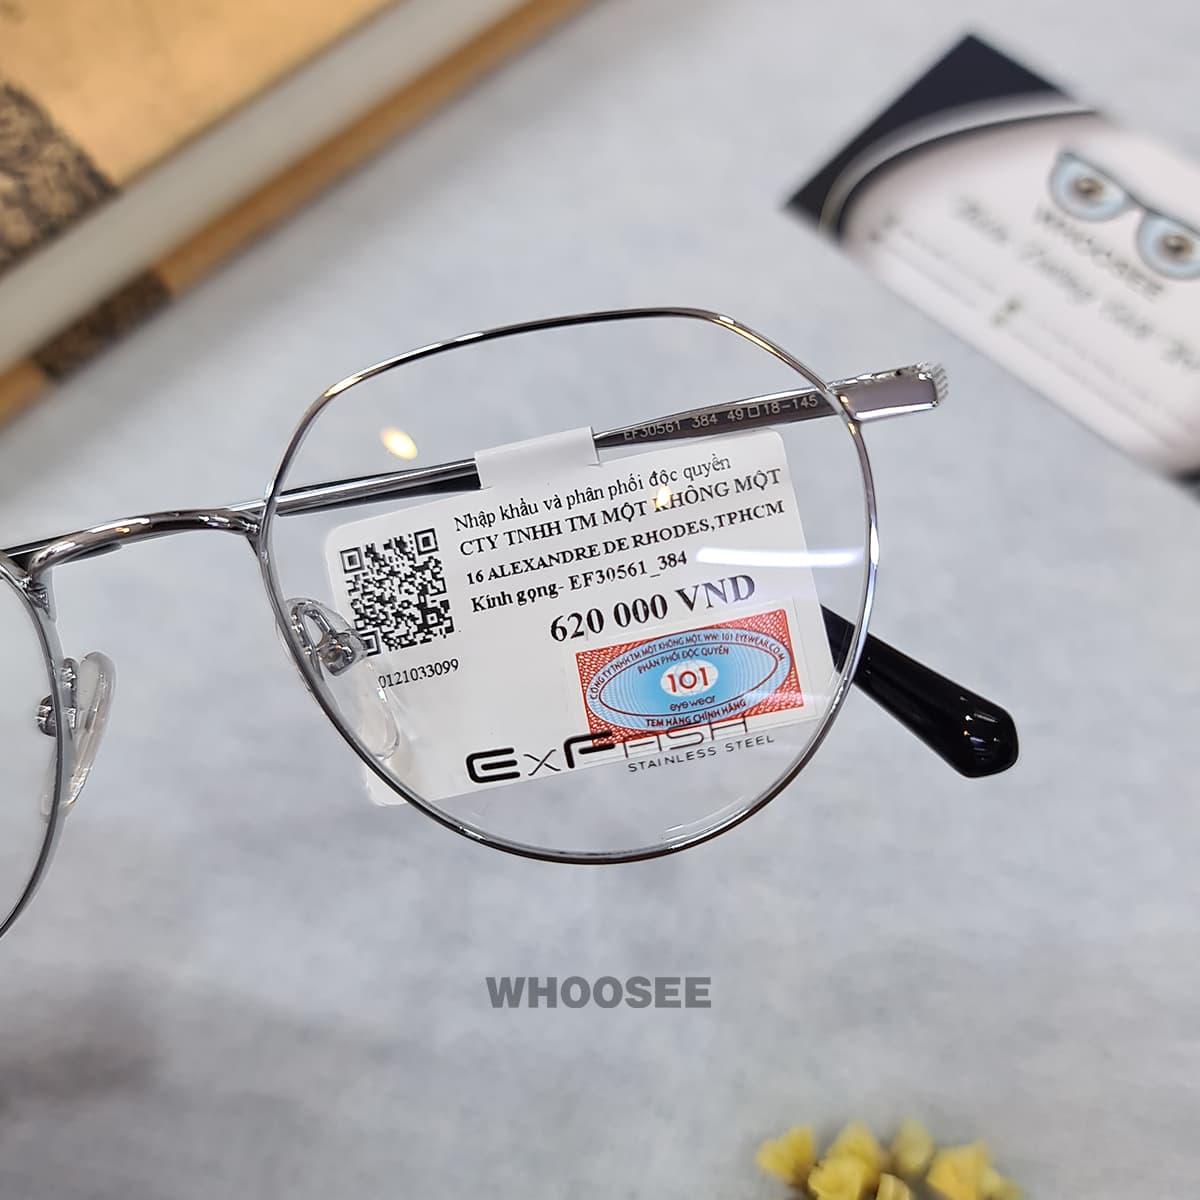 gọng kính cận kim loại ef30561 384 exfash